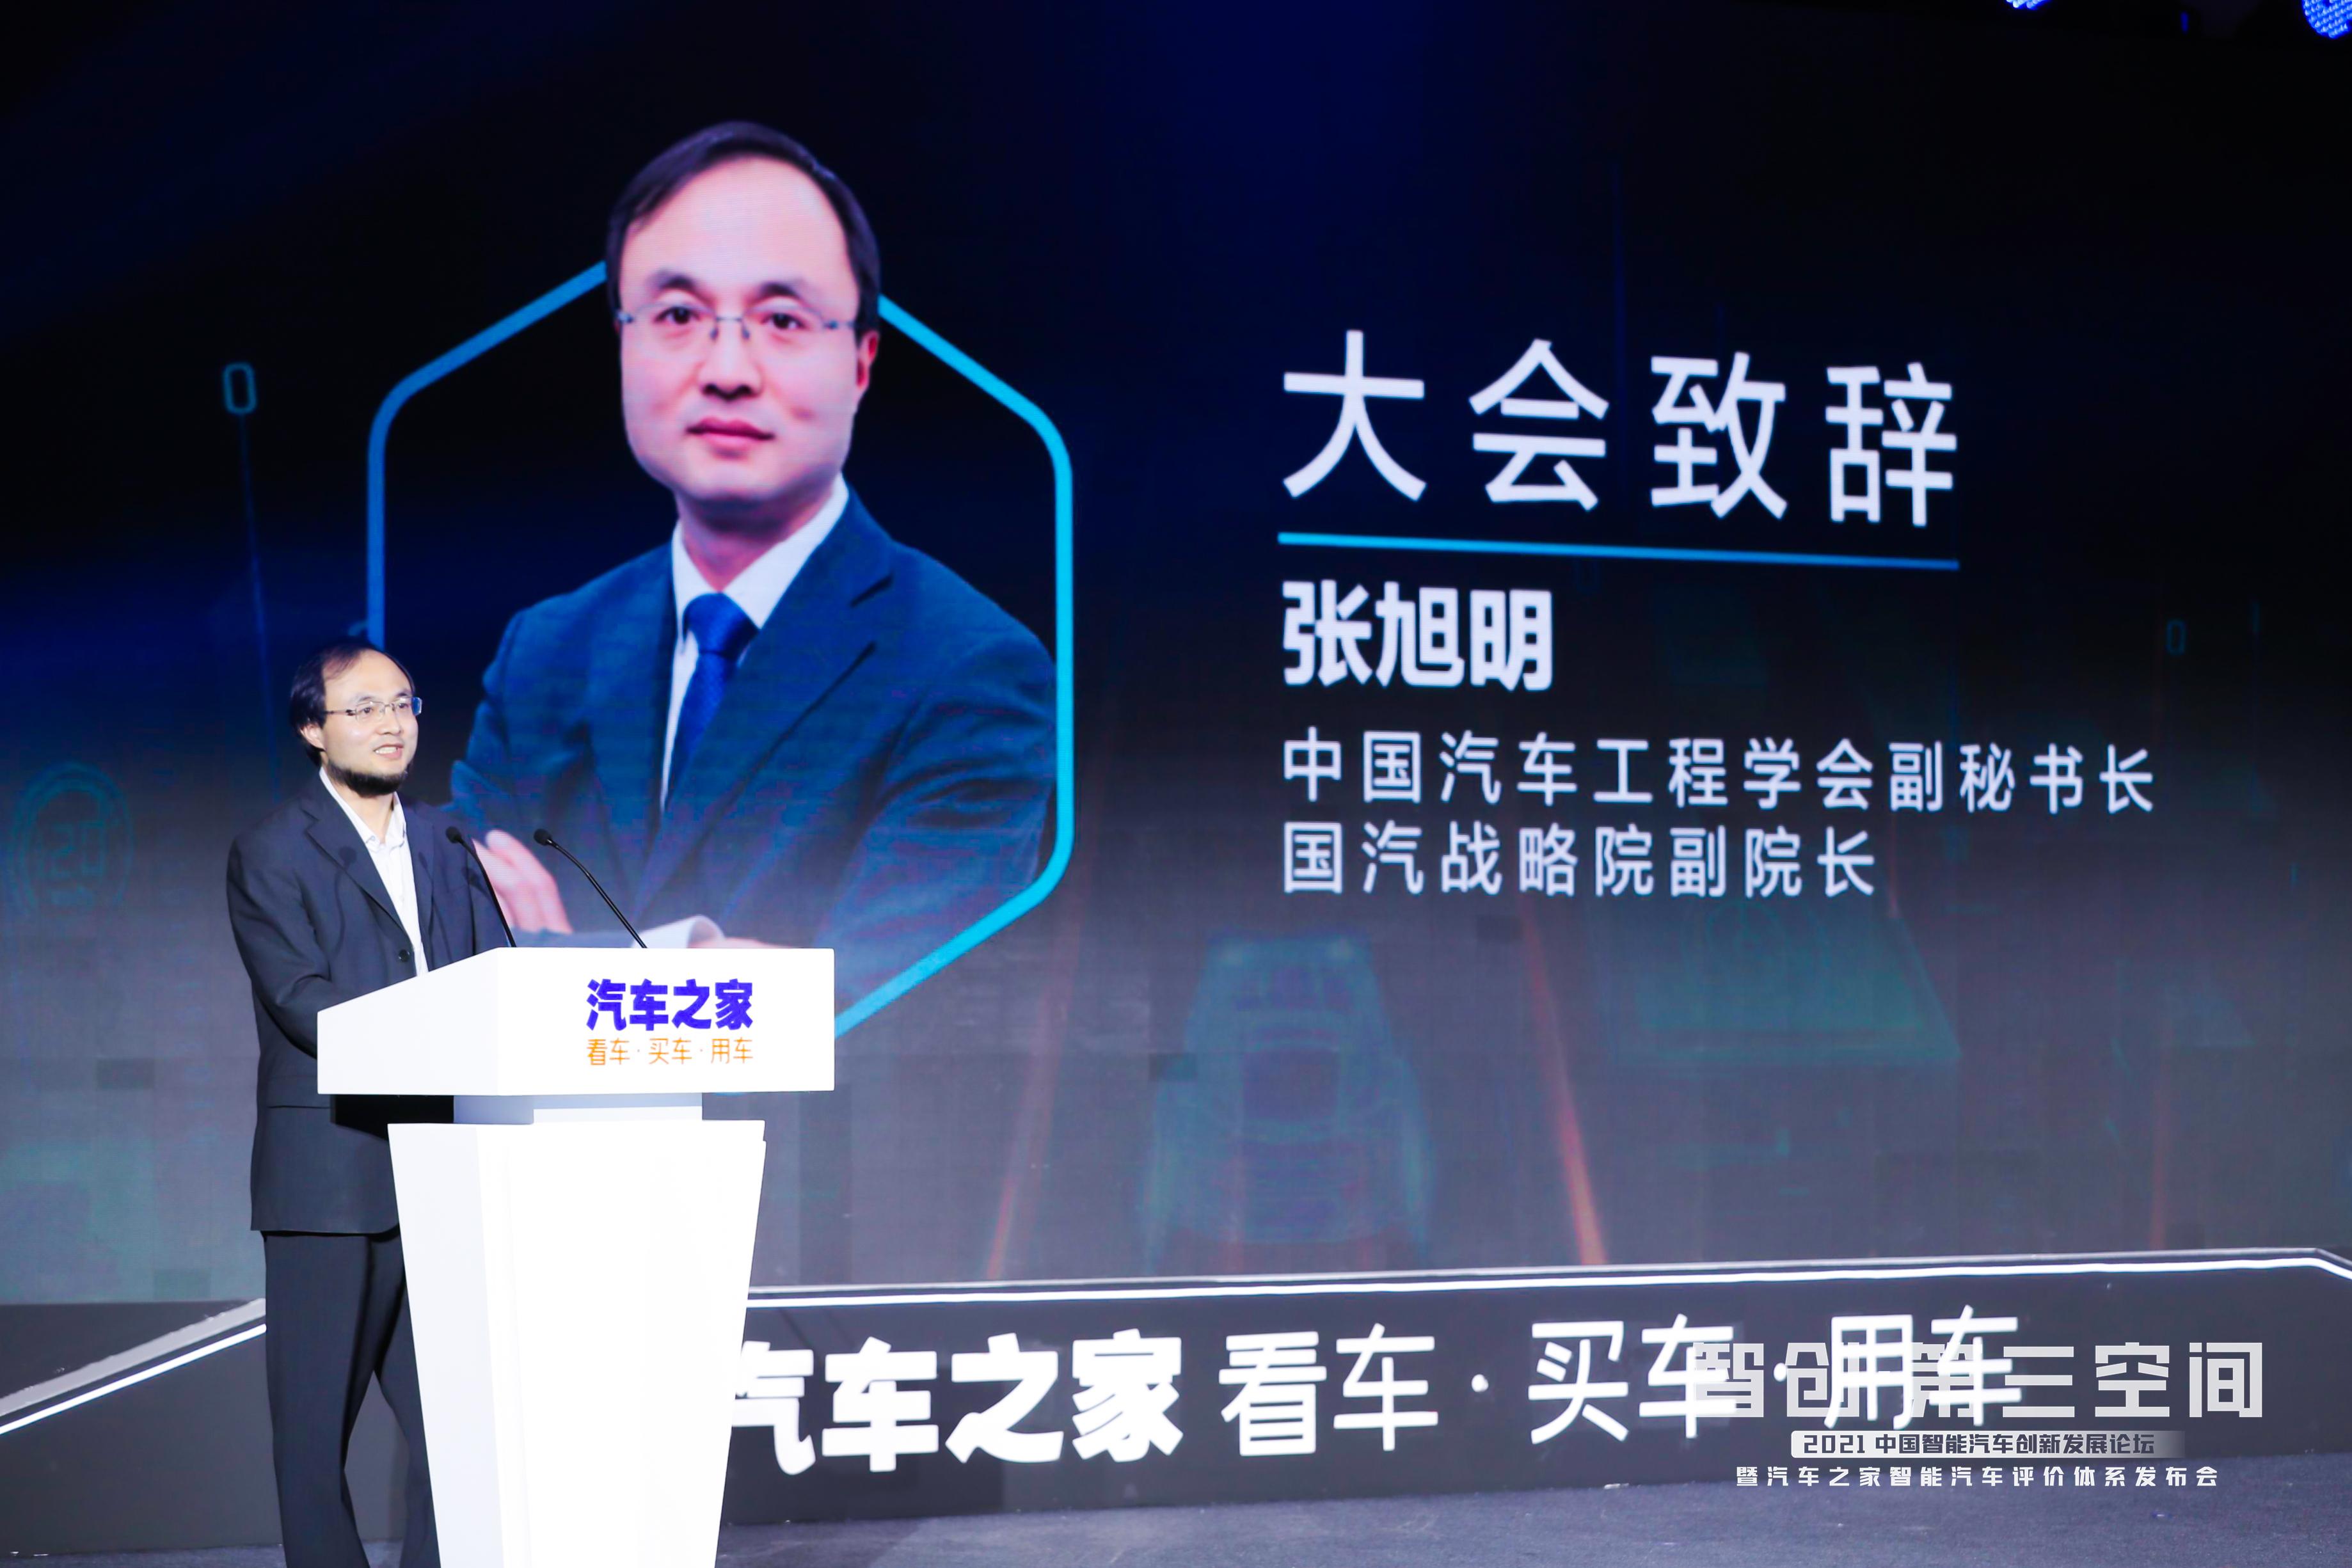 中国汽车工程学会副秘书长、国汽战略院副院长张旭明